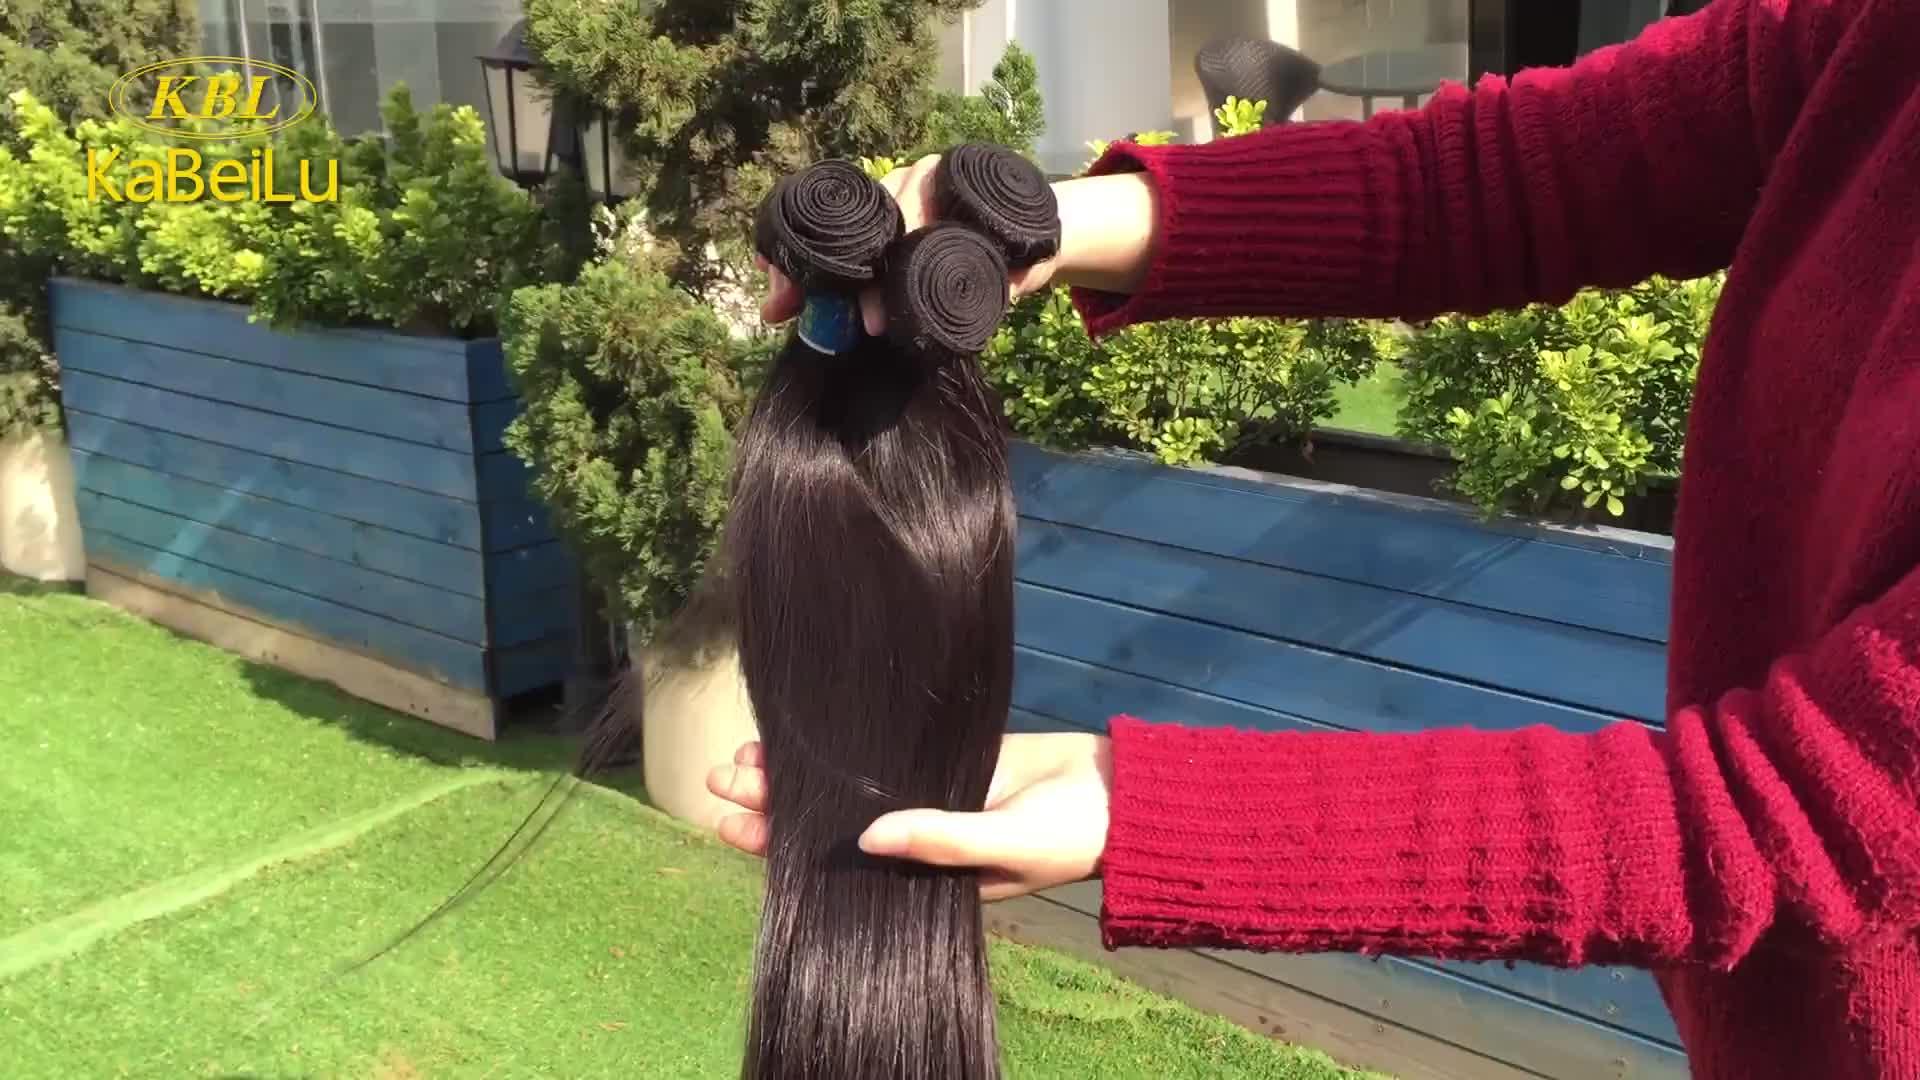 Stile euro prodotti per i capelli brasiliani di alta qualità, haohao capelli, buon mercato brasiliano dei capelli umani prorogate